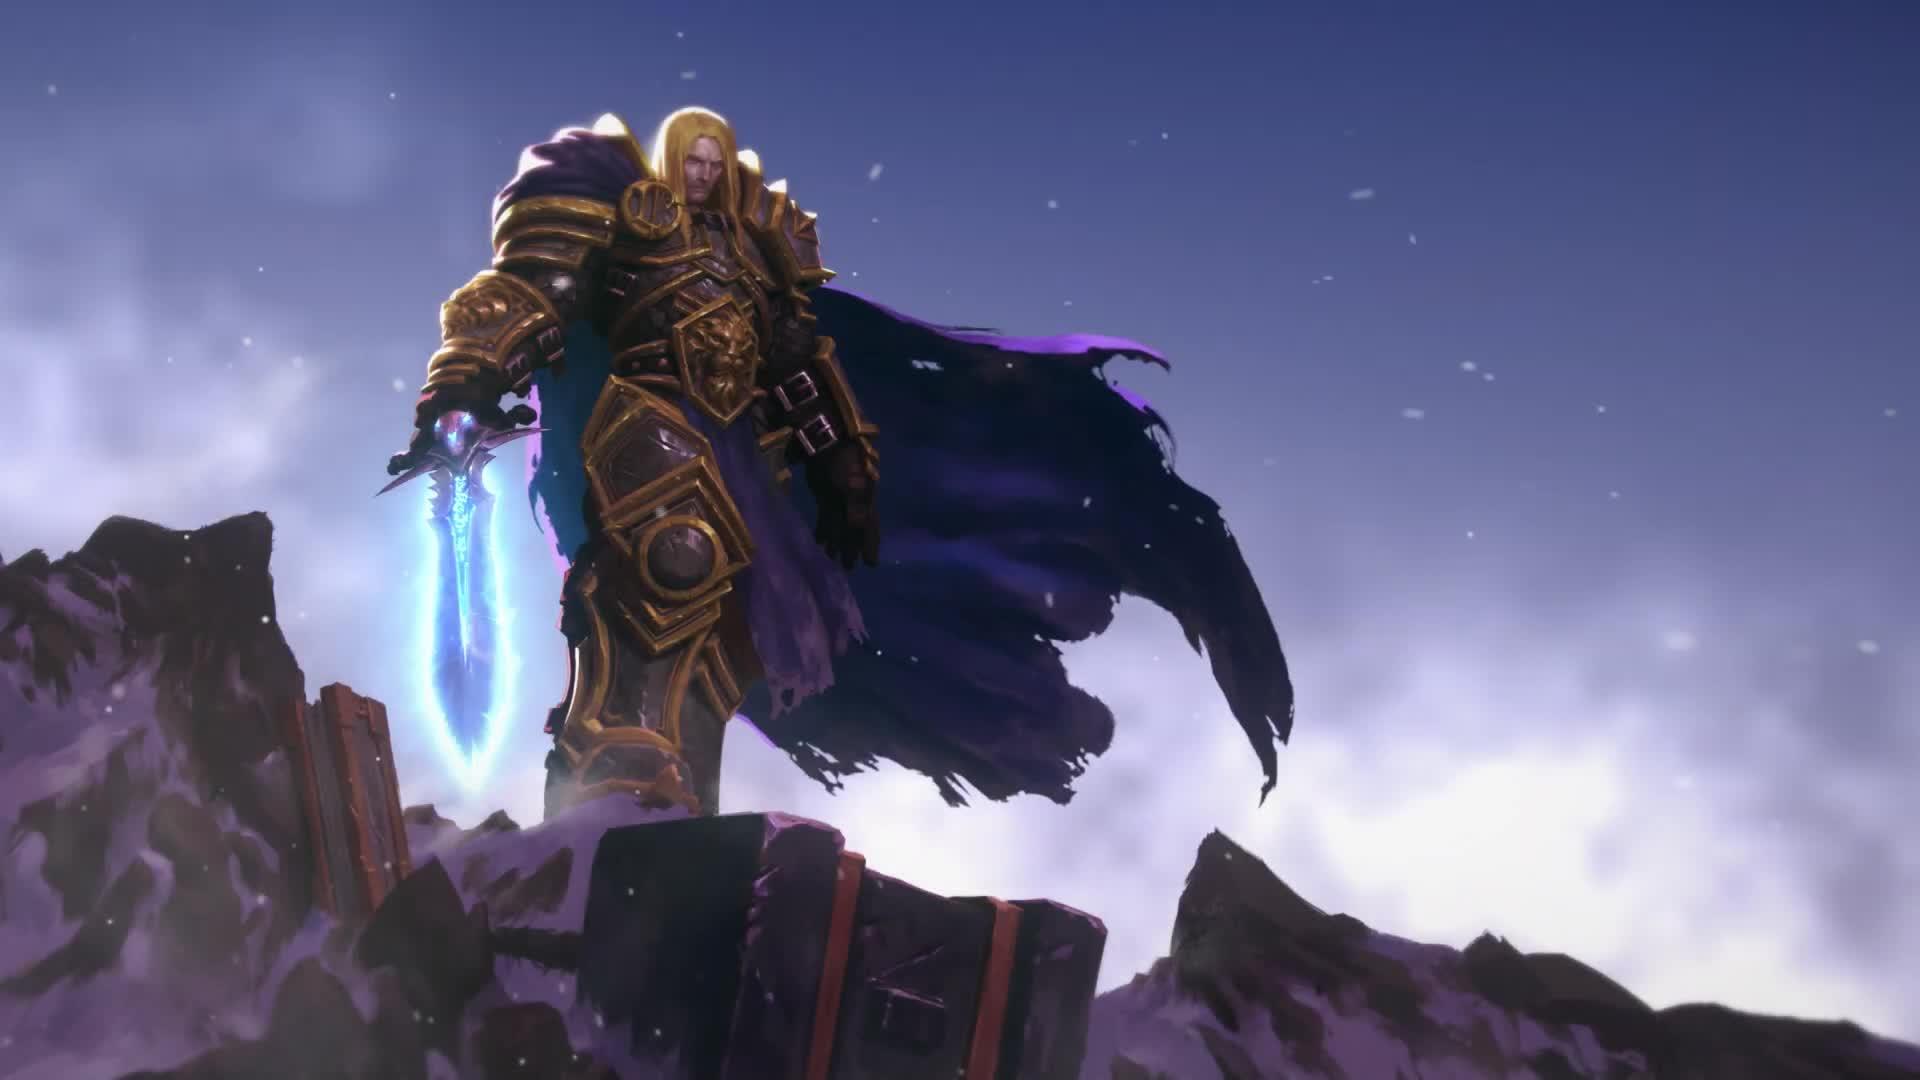 Trailer, Blizzard, Strategiespiel, Warcraft, Remake, Warcraft 3, Warcraft 3: Reforged